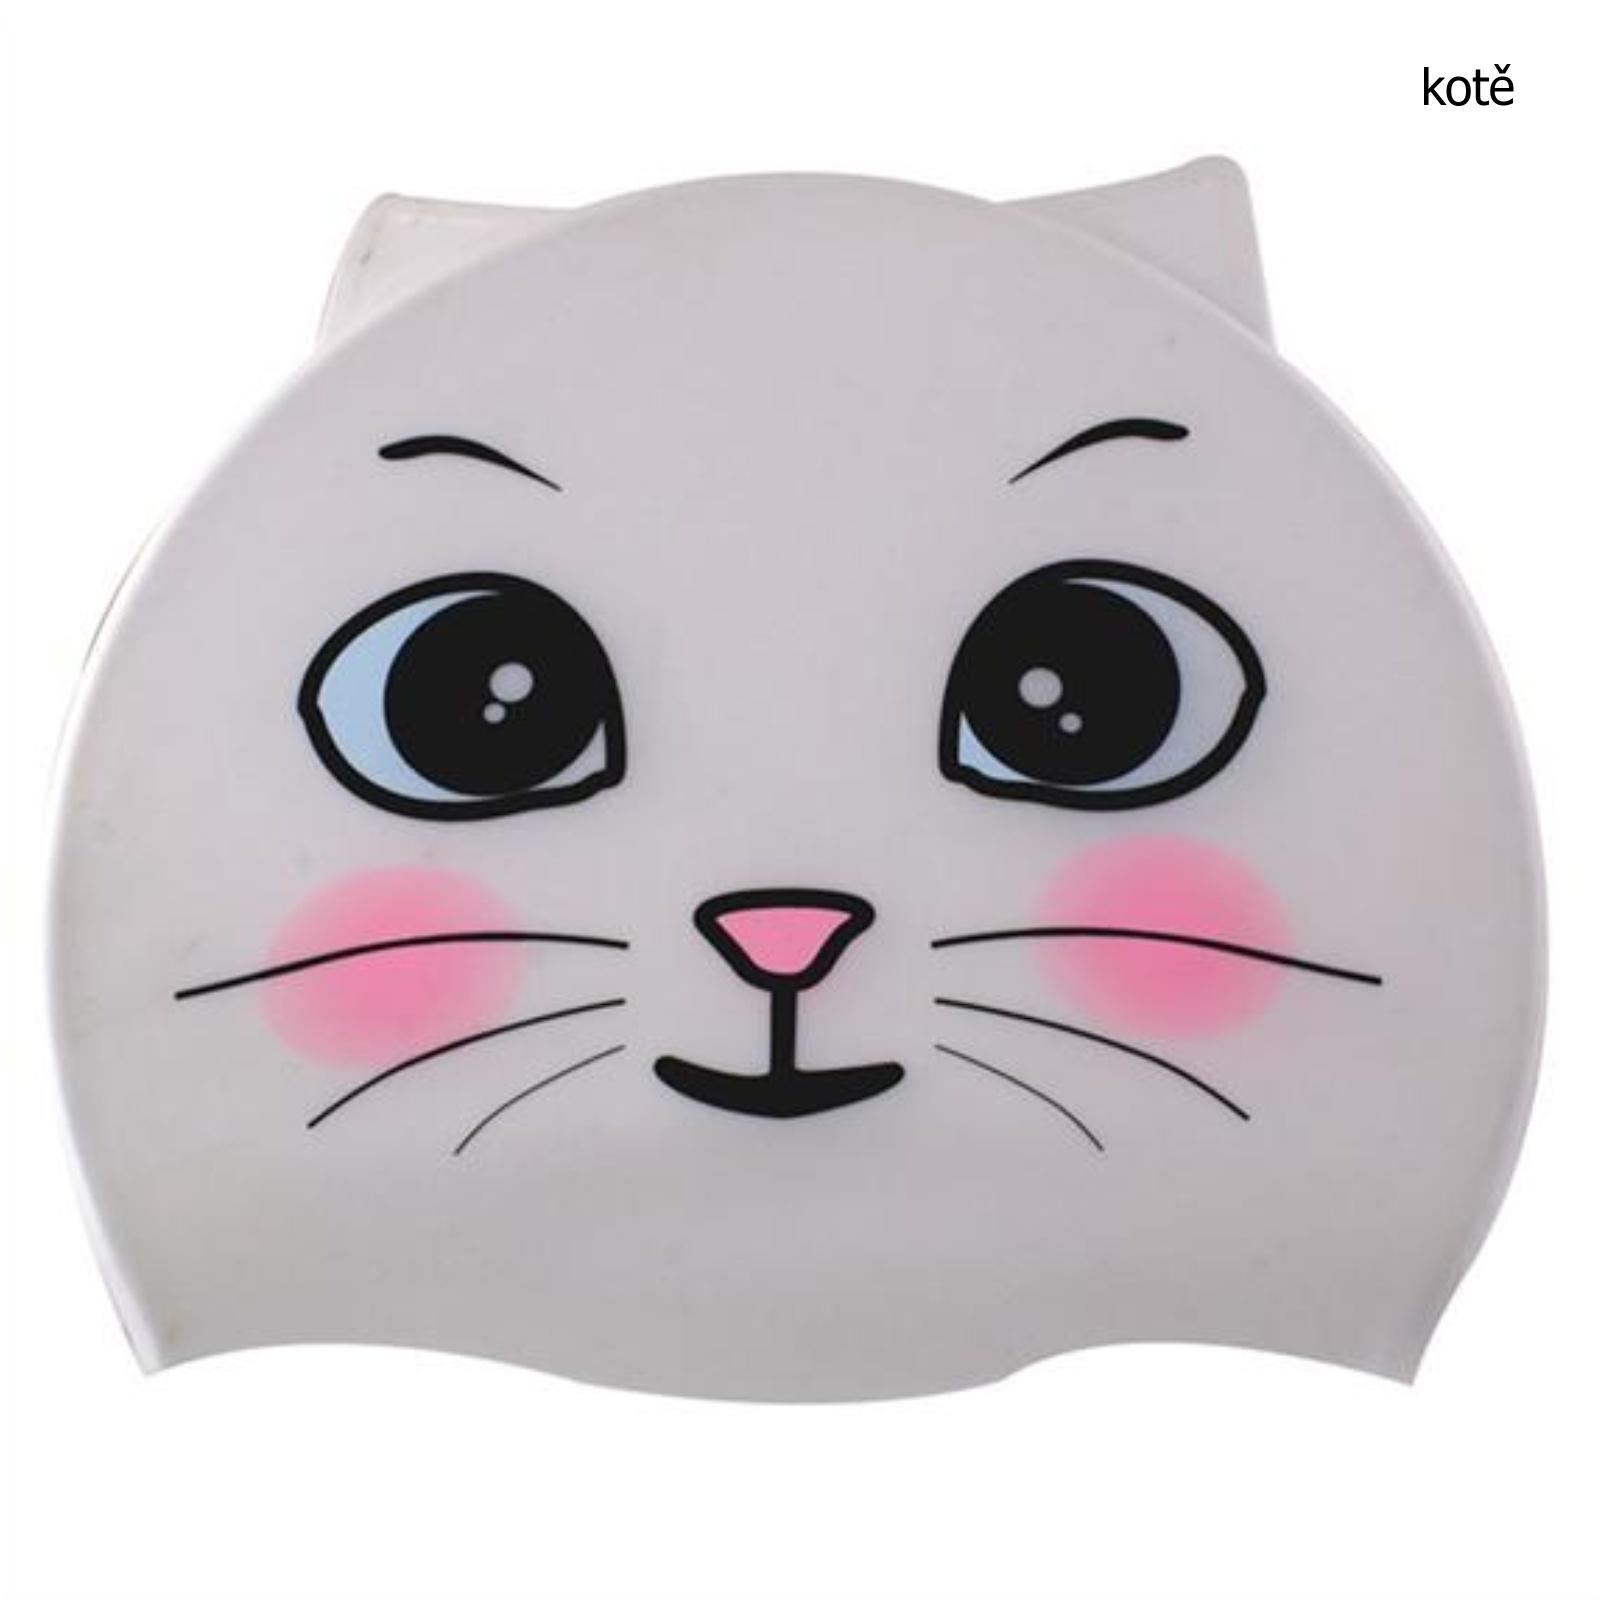 Koupací čepice dětská - kotě